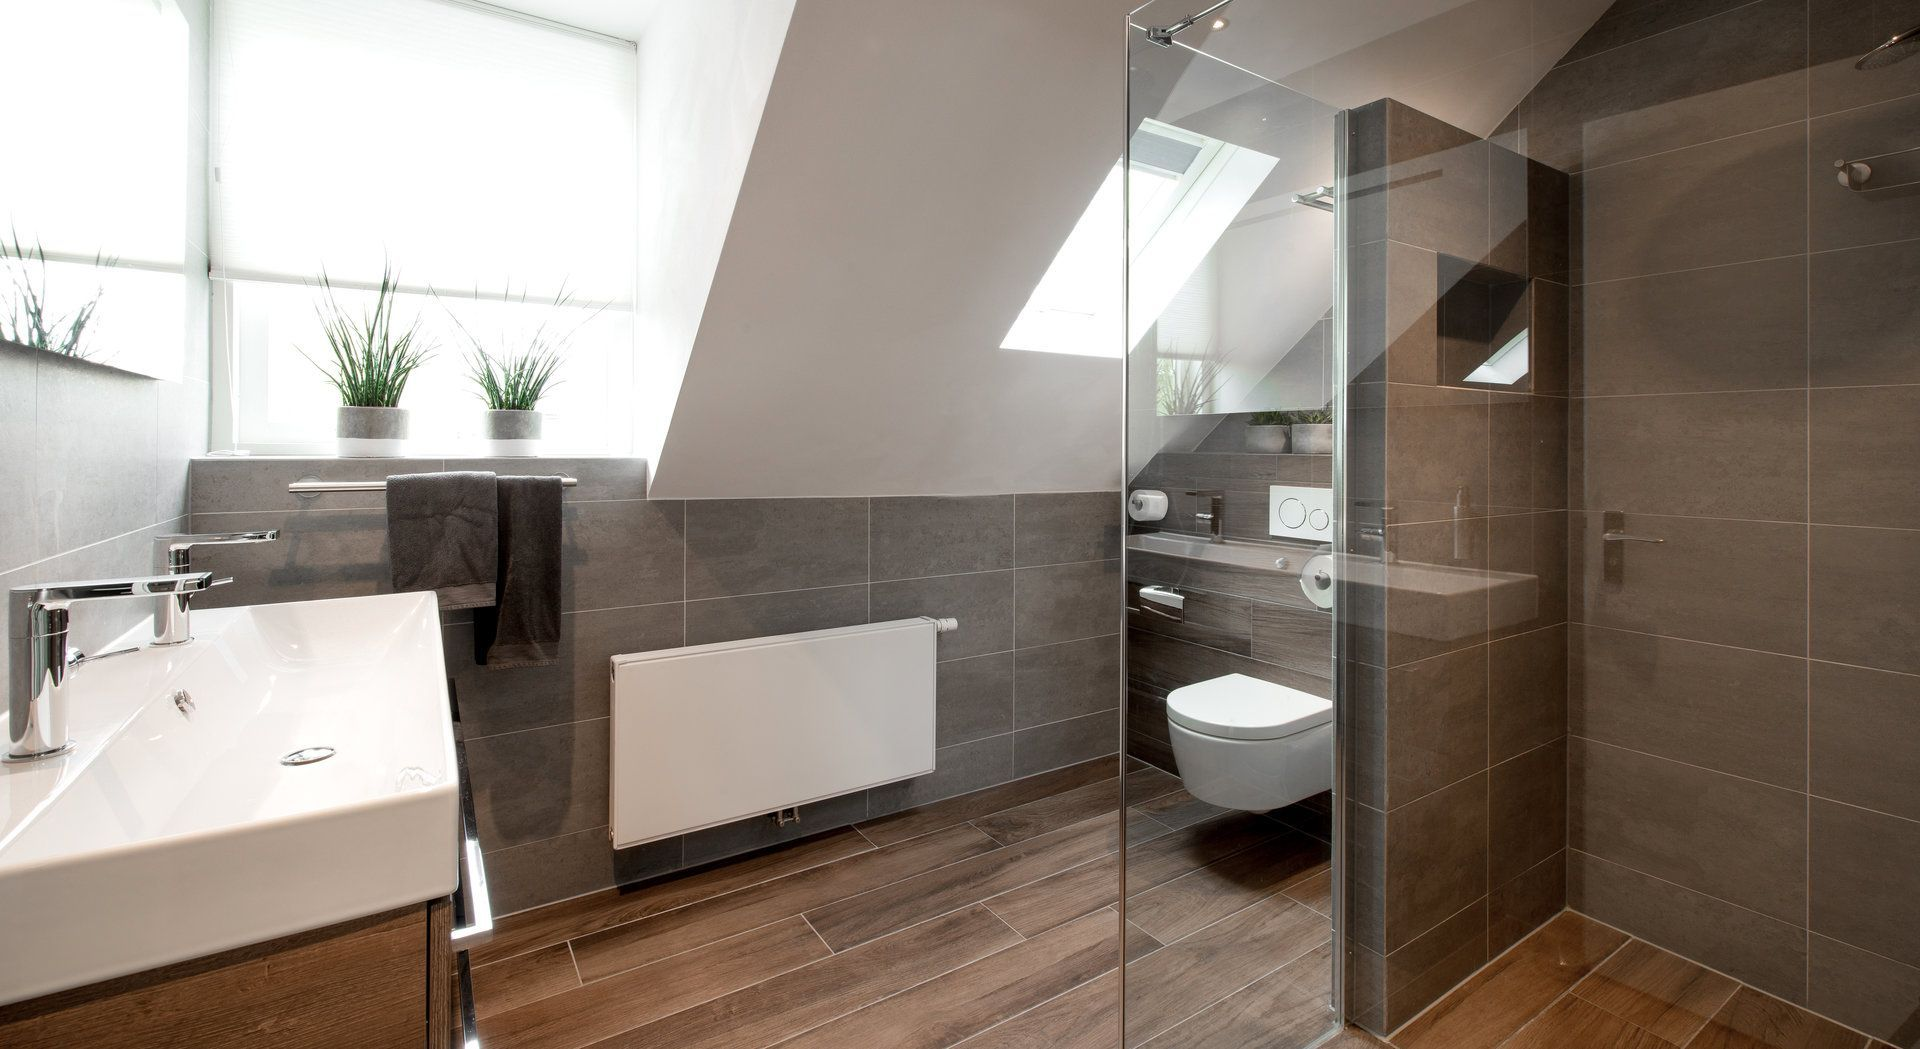 Warme Rustieke Badkamer : Badkamer van middelkoop culemborg vloer en accenten met keramisch